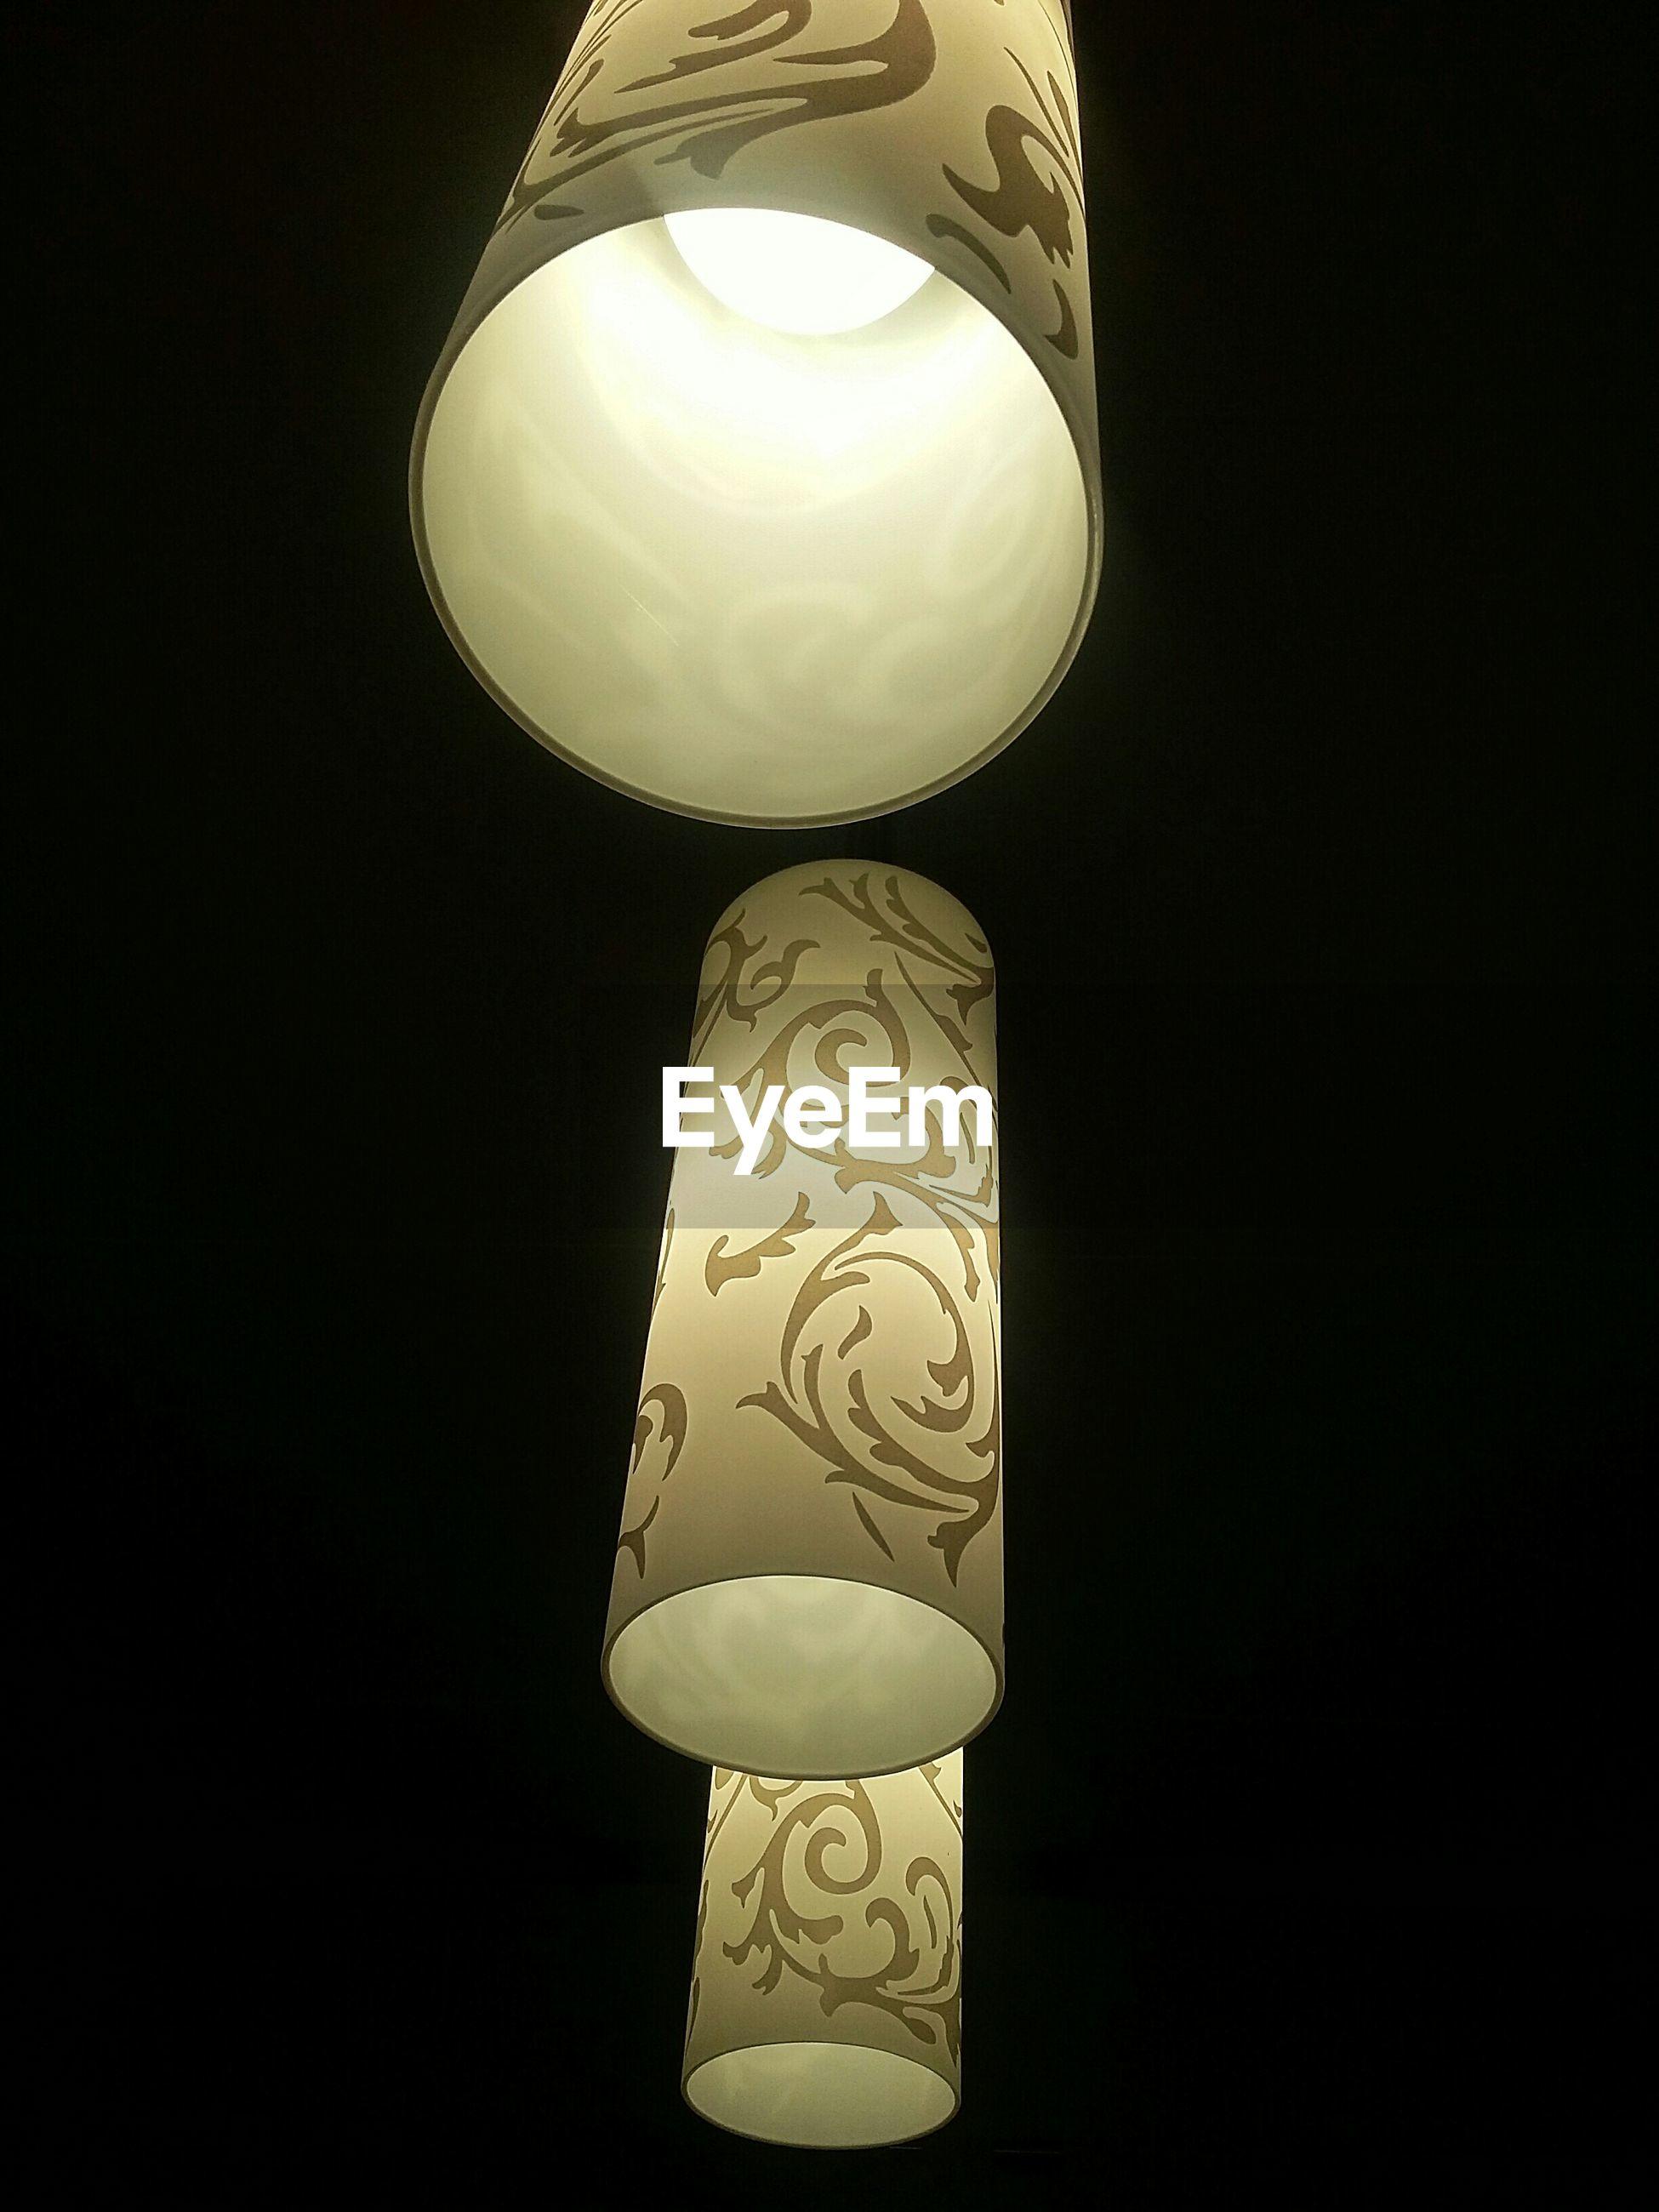 Illuminated lamps on black background